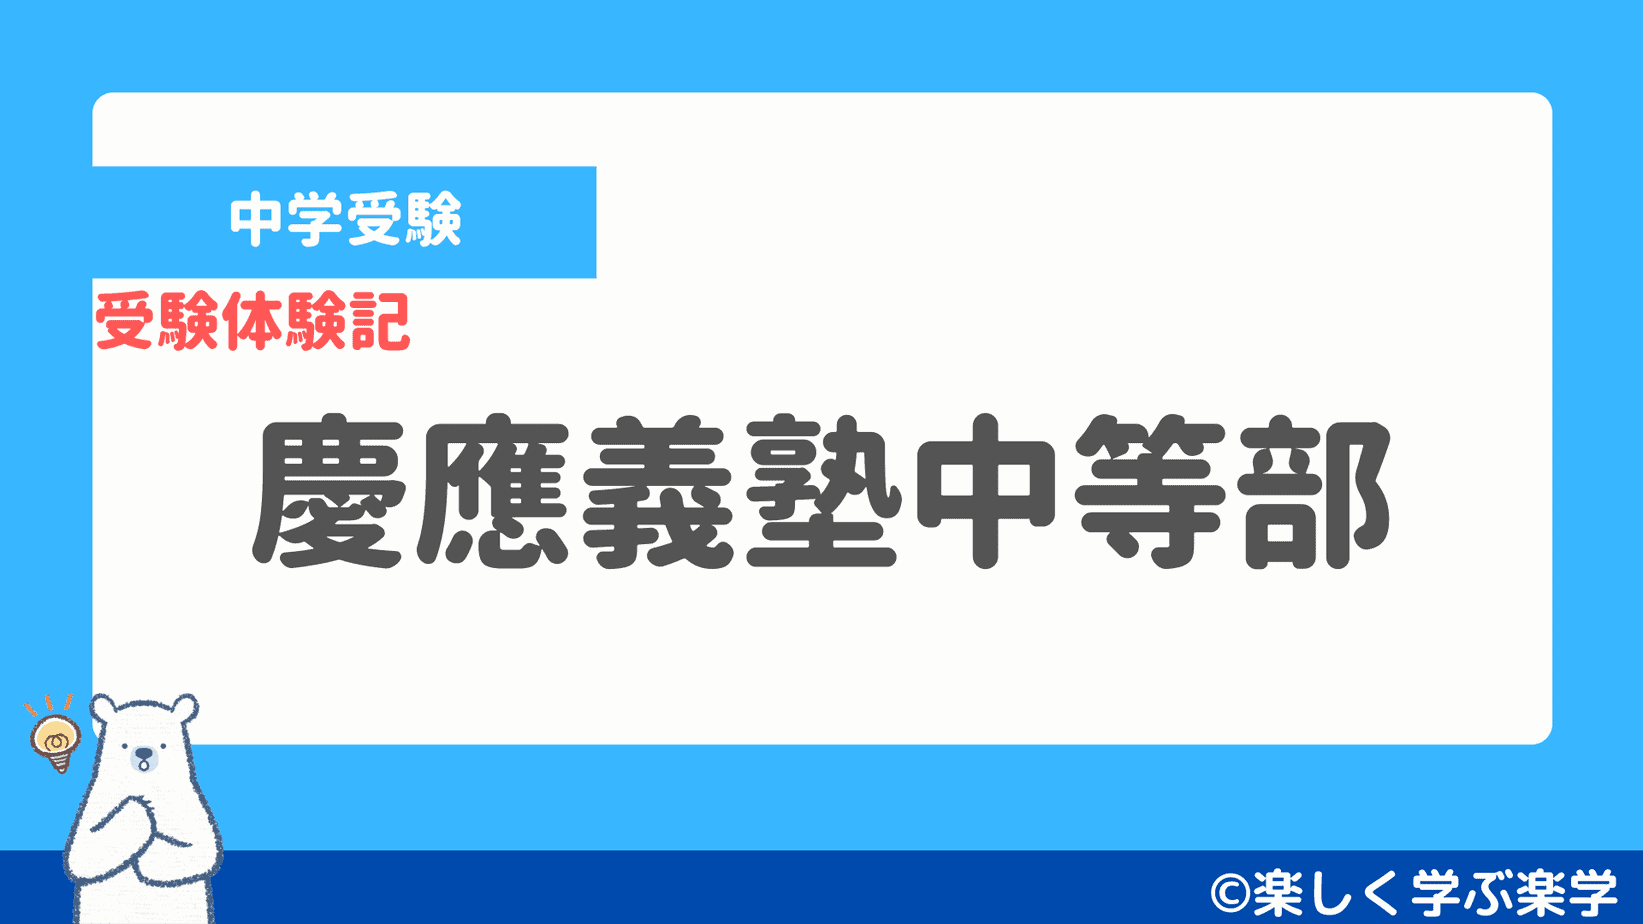 大学 慶應 発表 義塾 合格